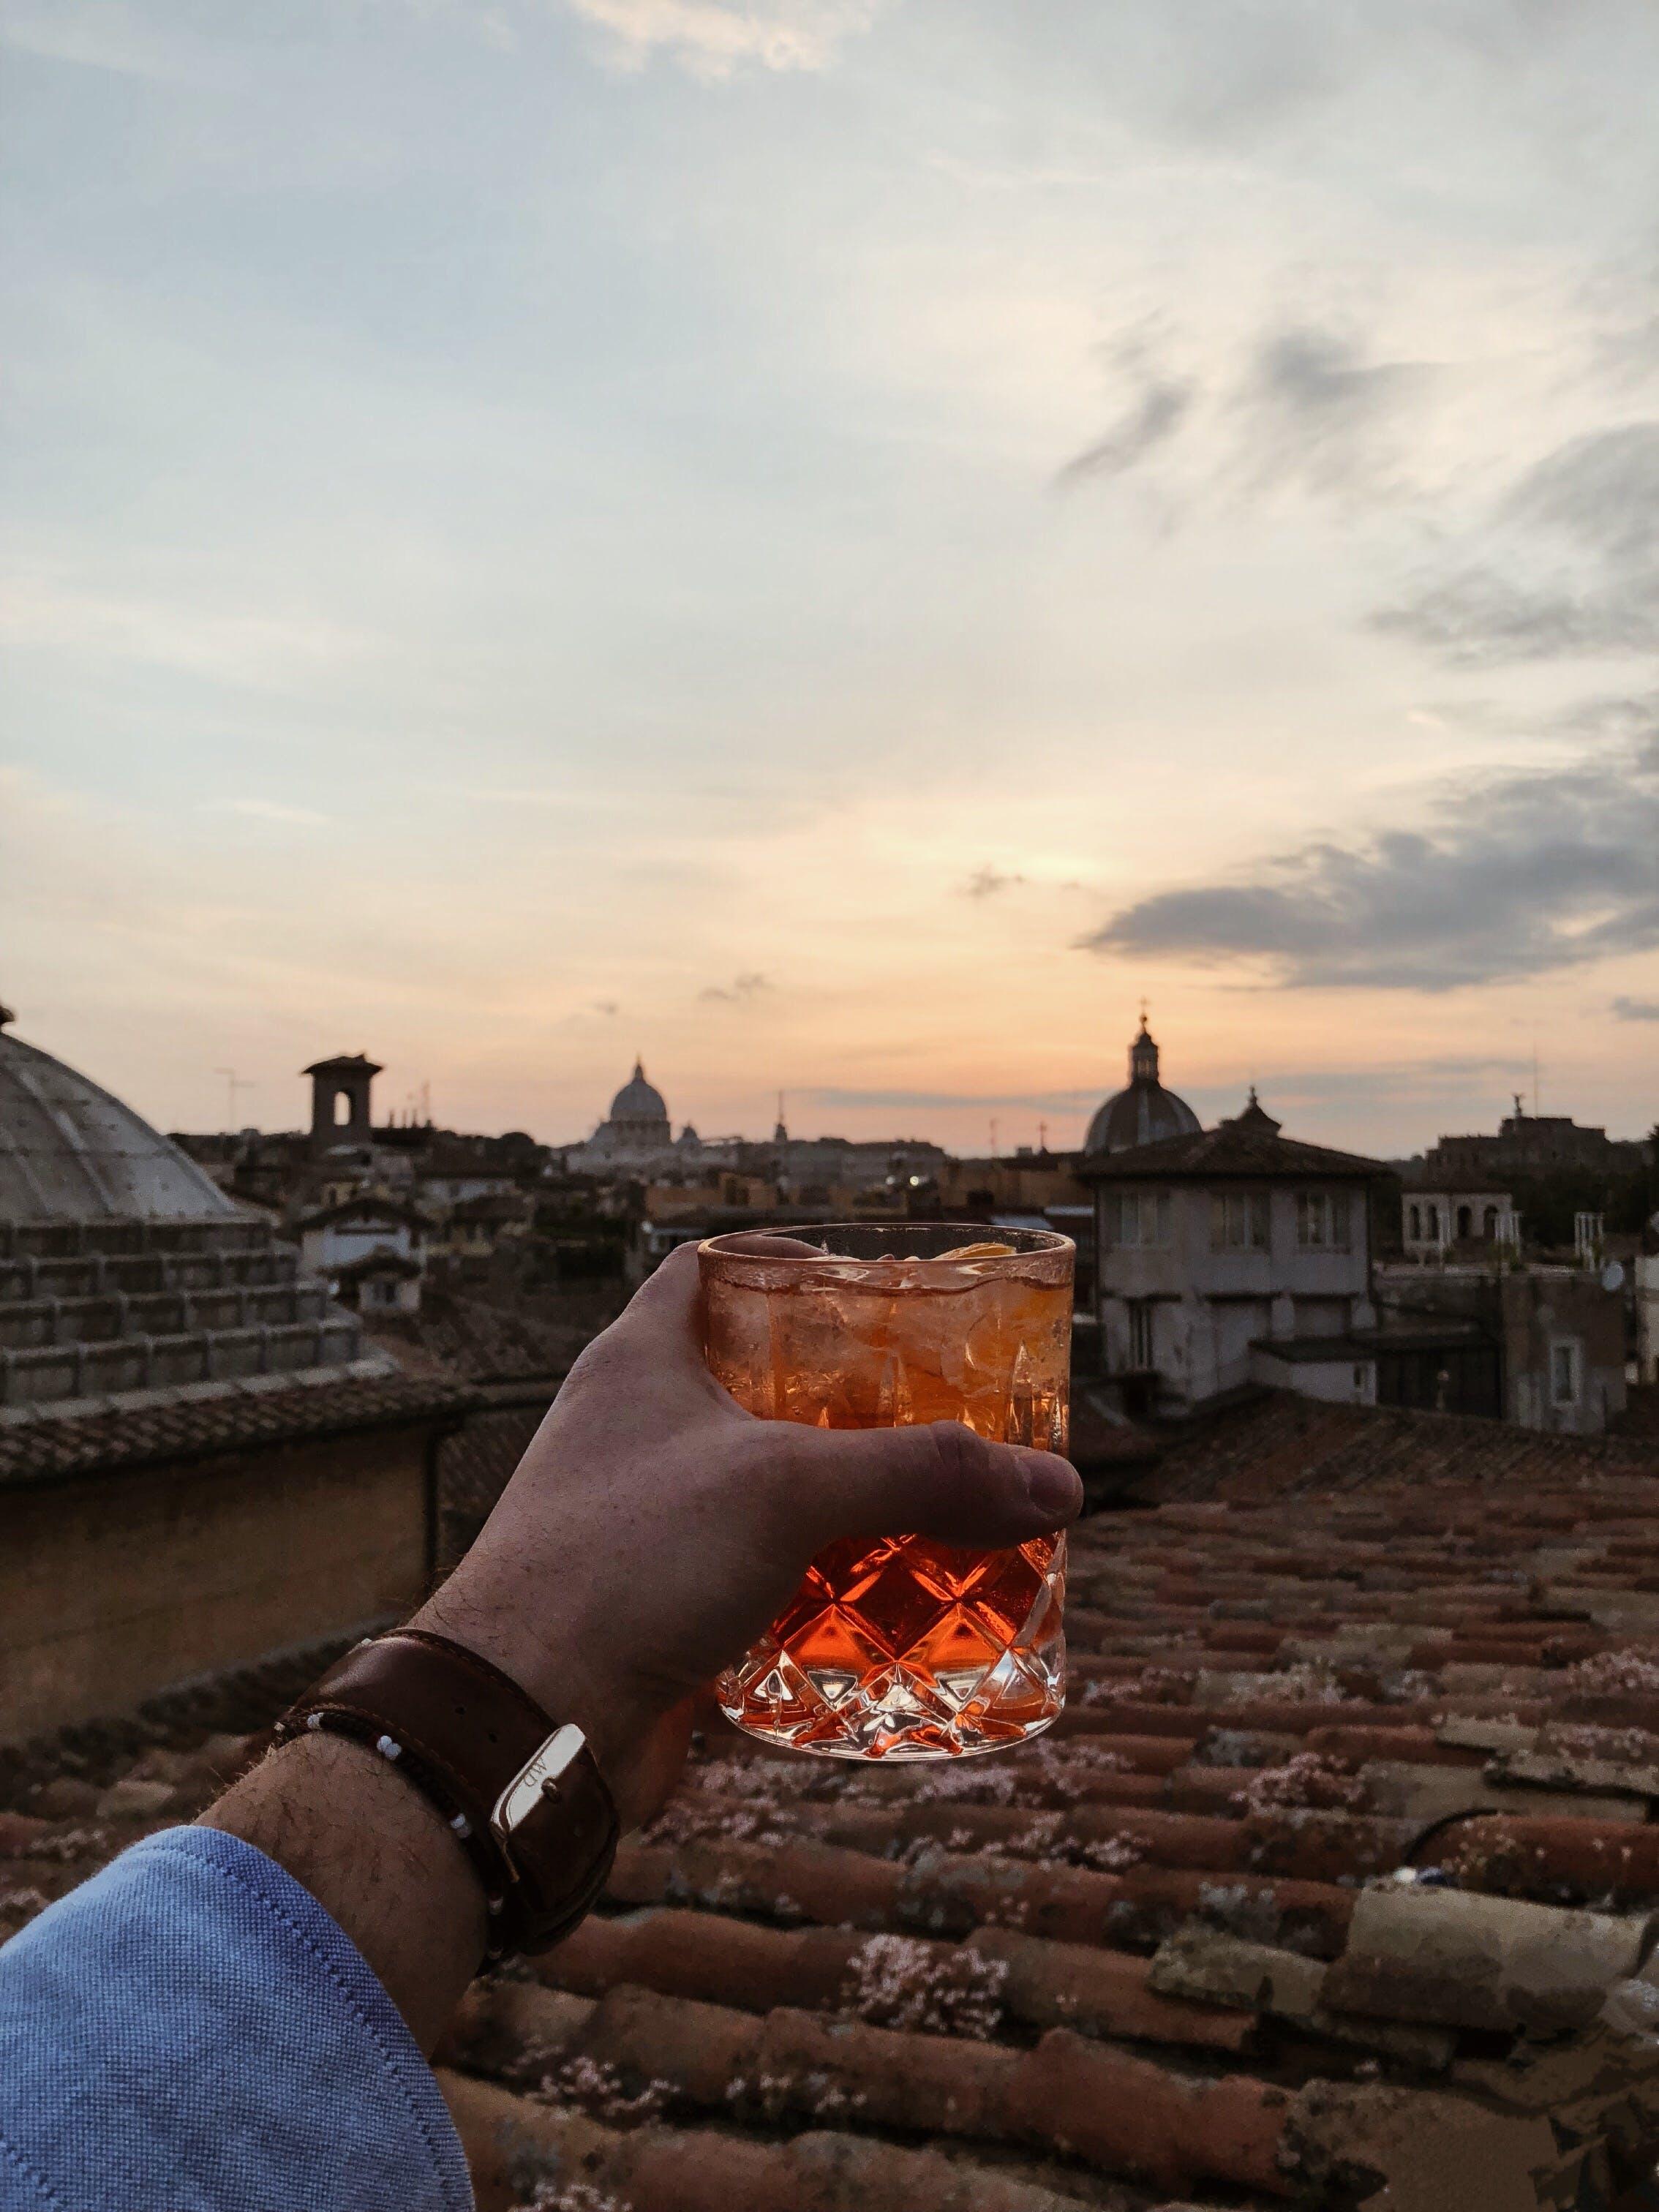 Kostenloses Stock Foto zu abend, alkoholisches getränk, architektur, dach